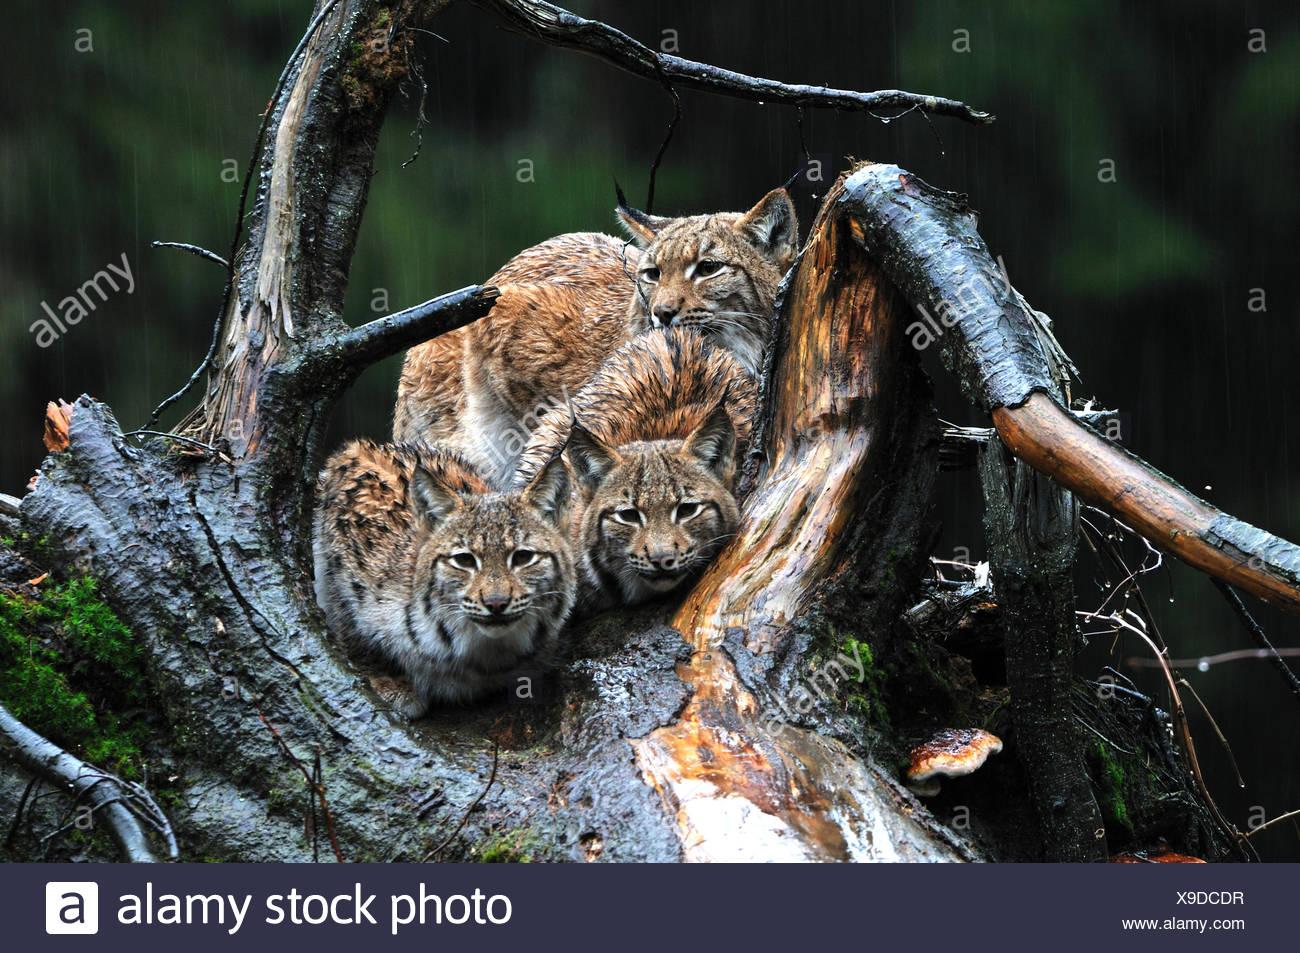 Big cat cat Lynx wildcat chats prédateurs félins des lynx d'animaux à fourrure hiver hiver neige lynx Lynx lynx lynx boréal' Banque D'Images